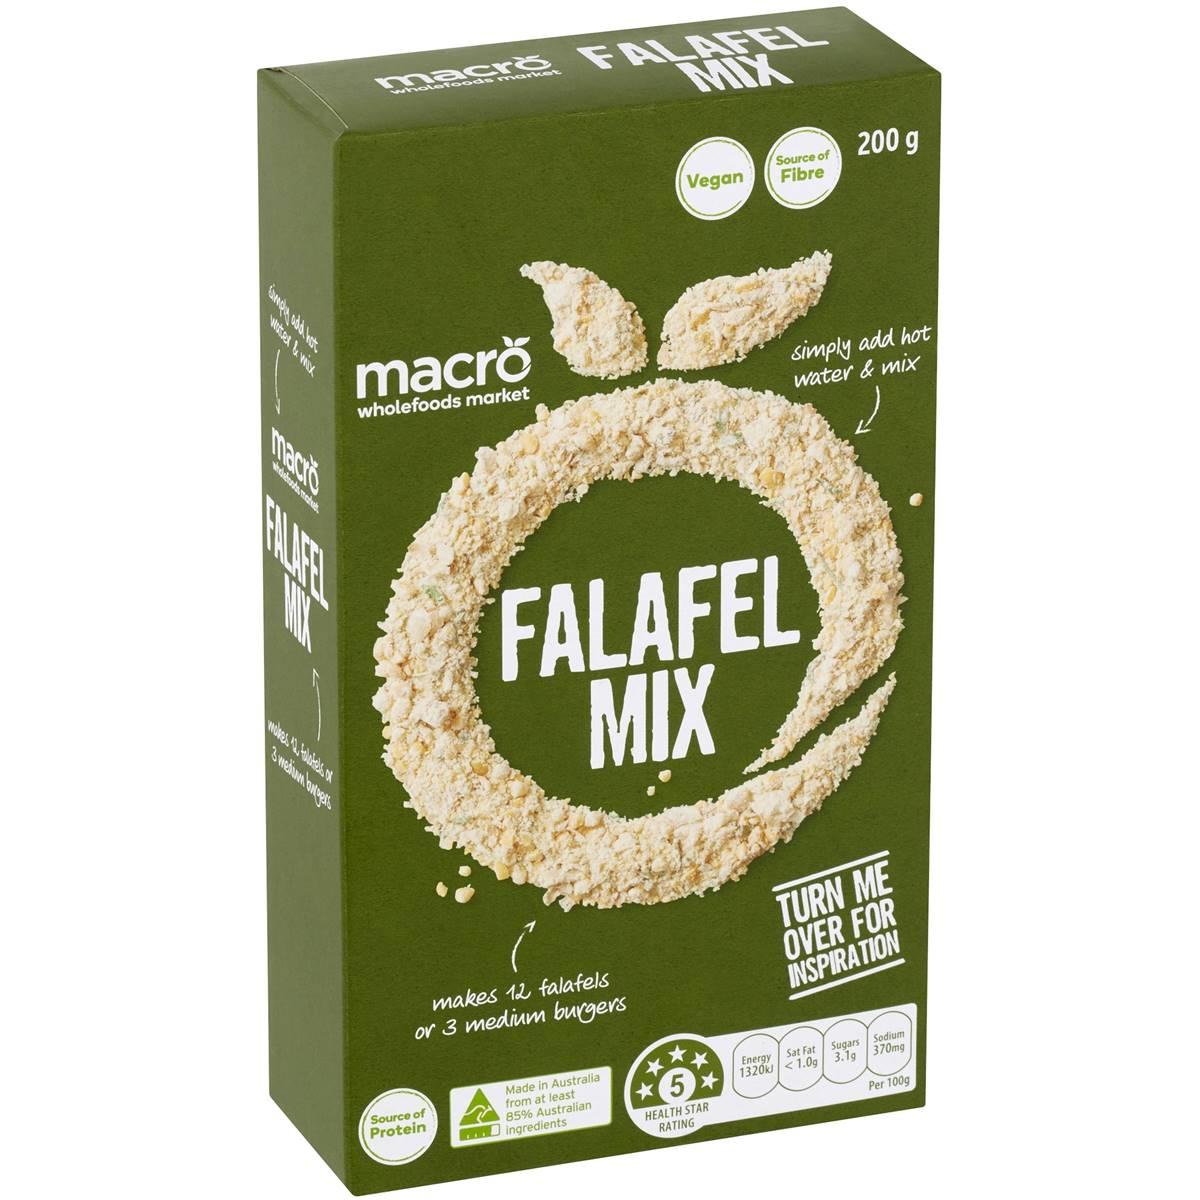 Macro Falafel Mix